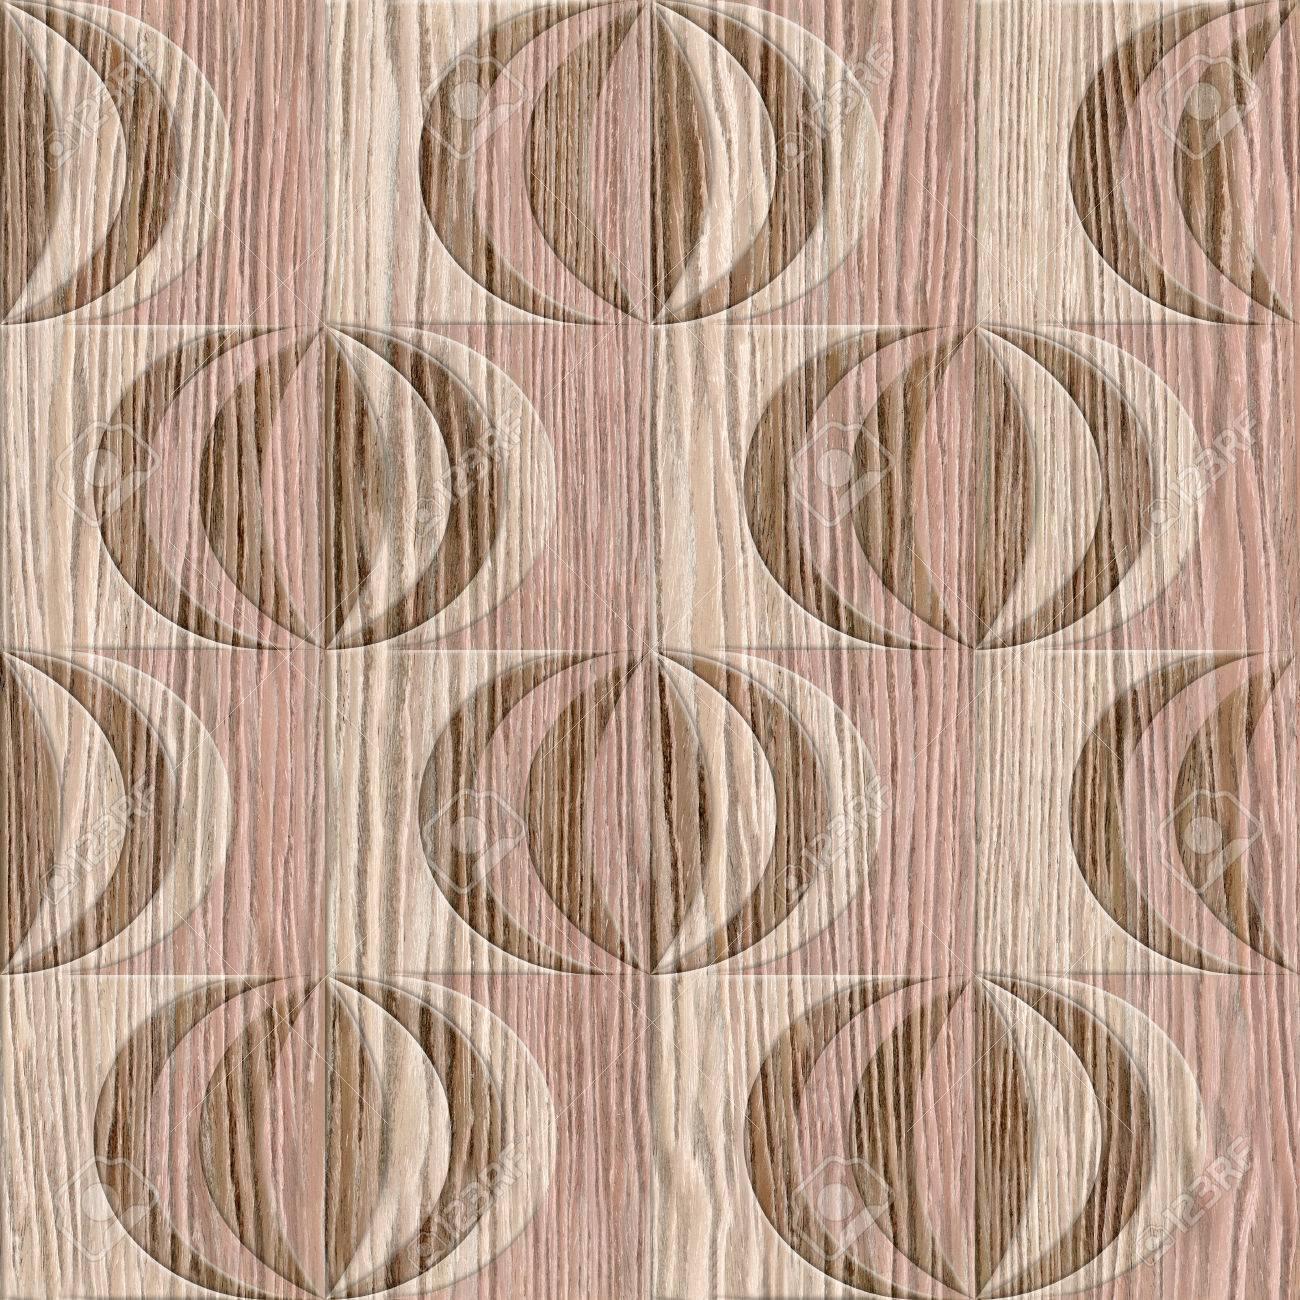 Resumen Patrón De Paneles Interior Modelo Panel Pared Pared De Azulejos Decorativos Patrón De Mosaico Patrones Geométricos De Fondo Sin